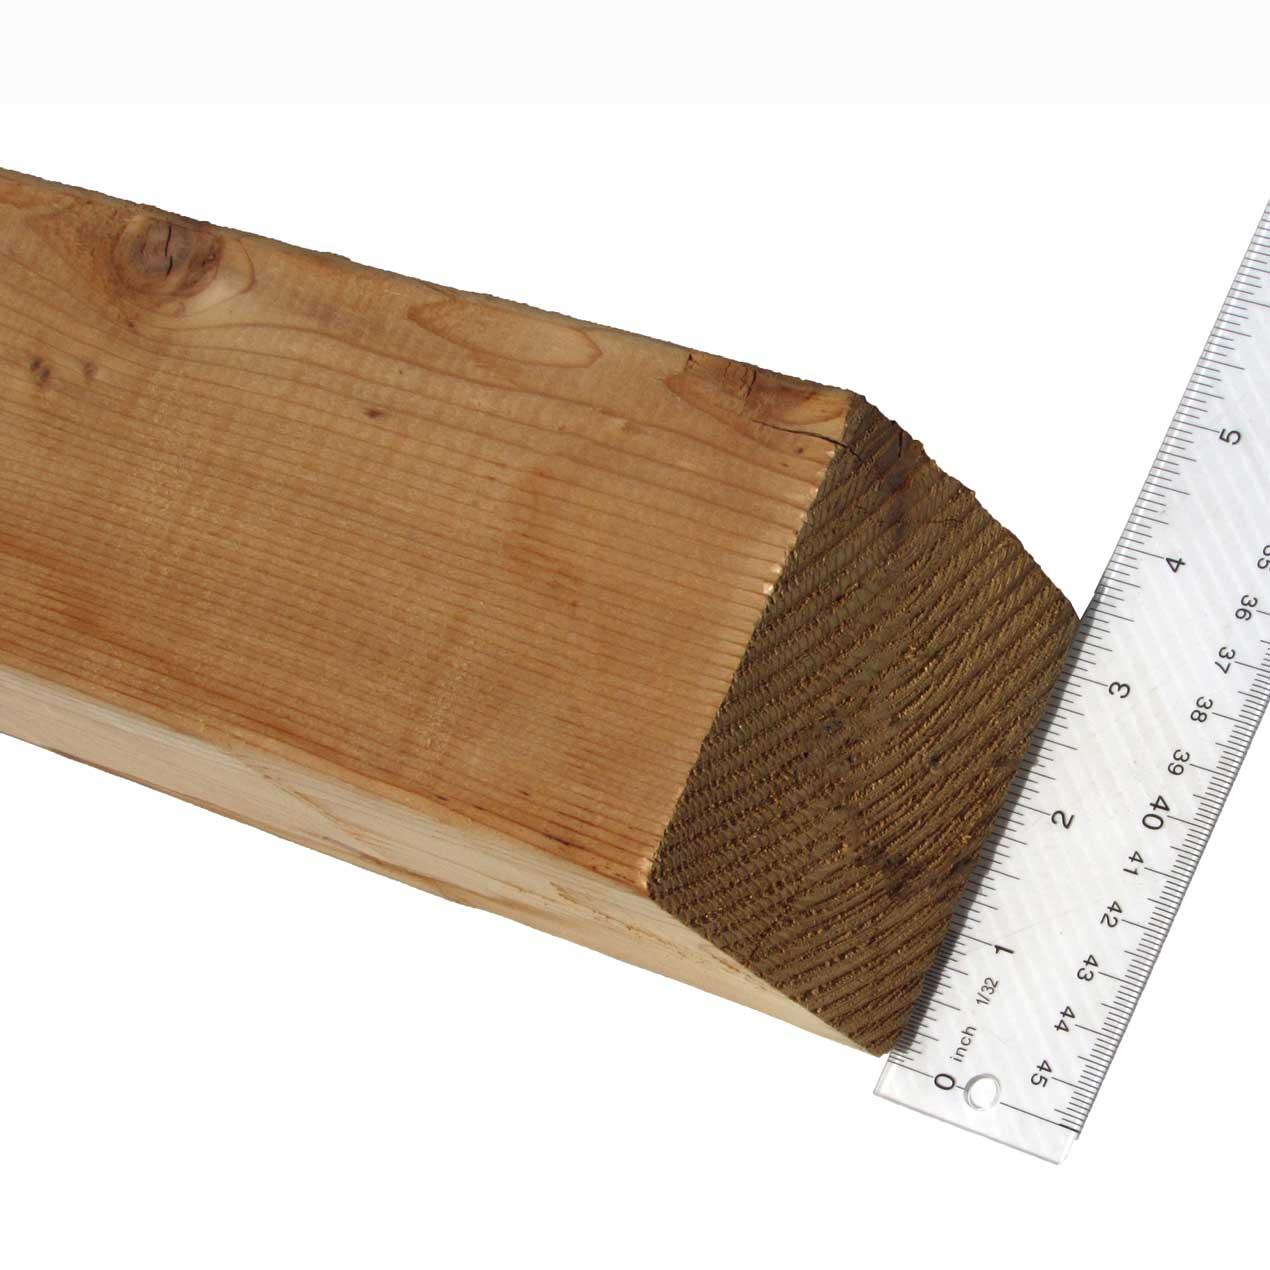 4x4 Doug Fir Clear S4s Capitol City Lumber